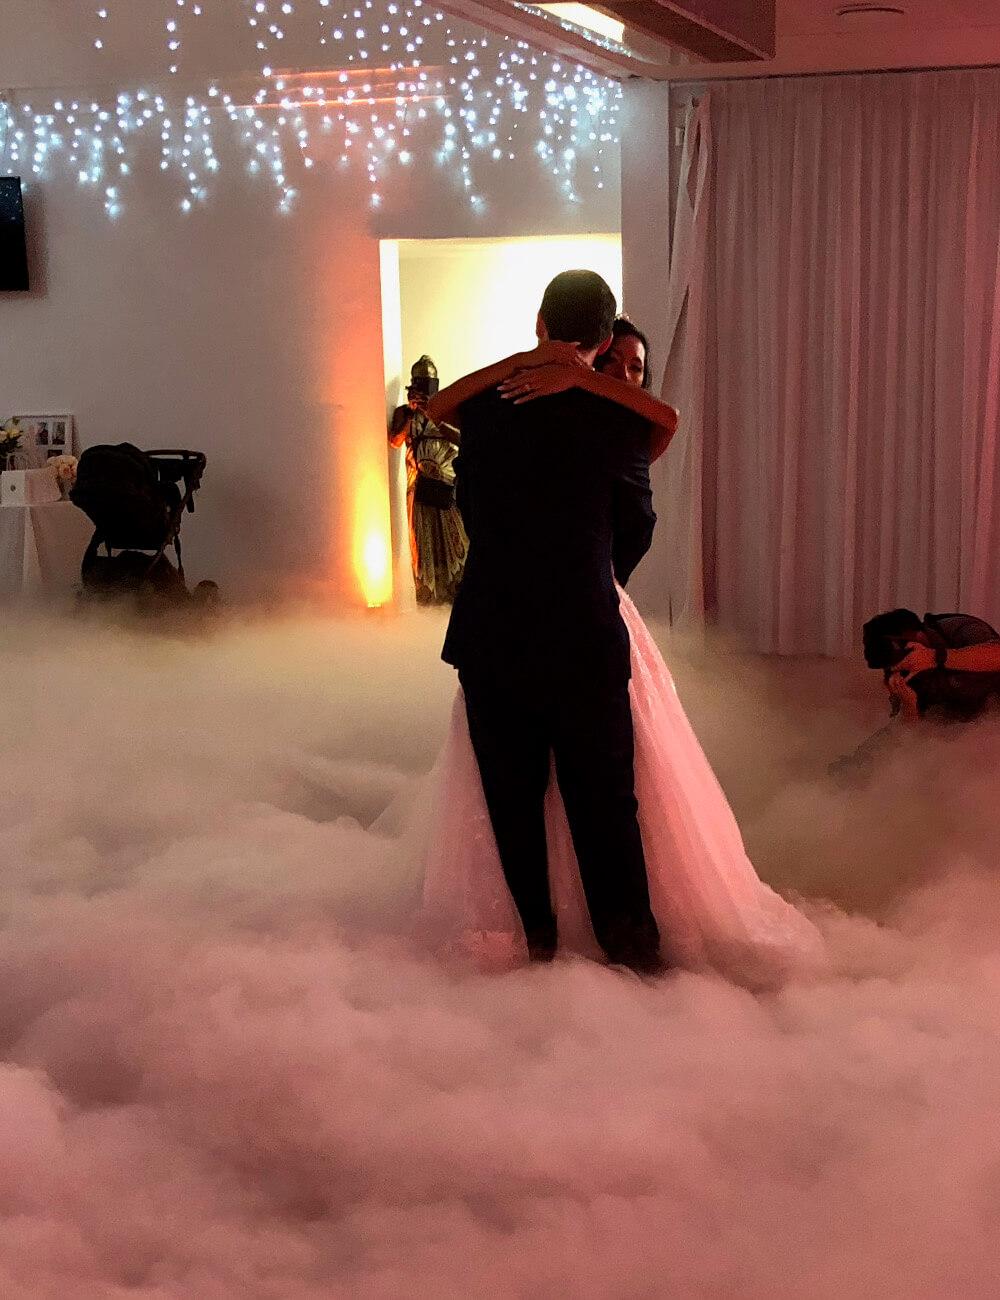 DJ Corey Newly Wed Dance on smoke